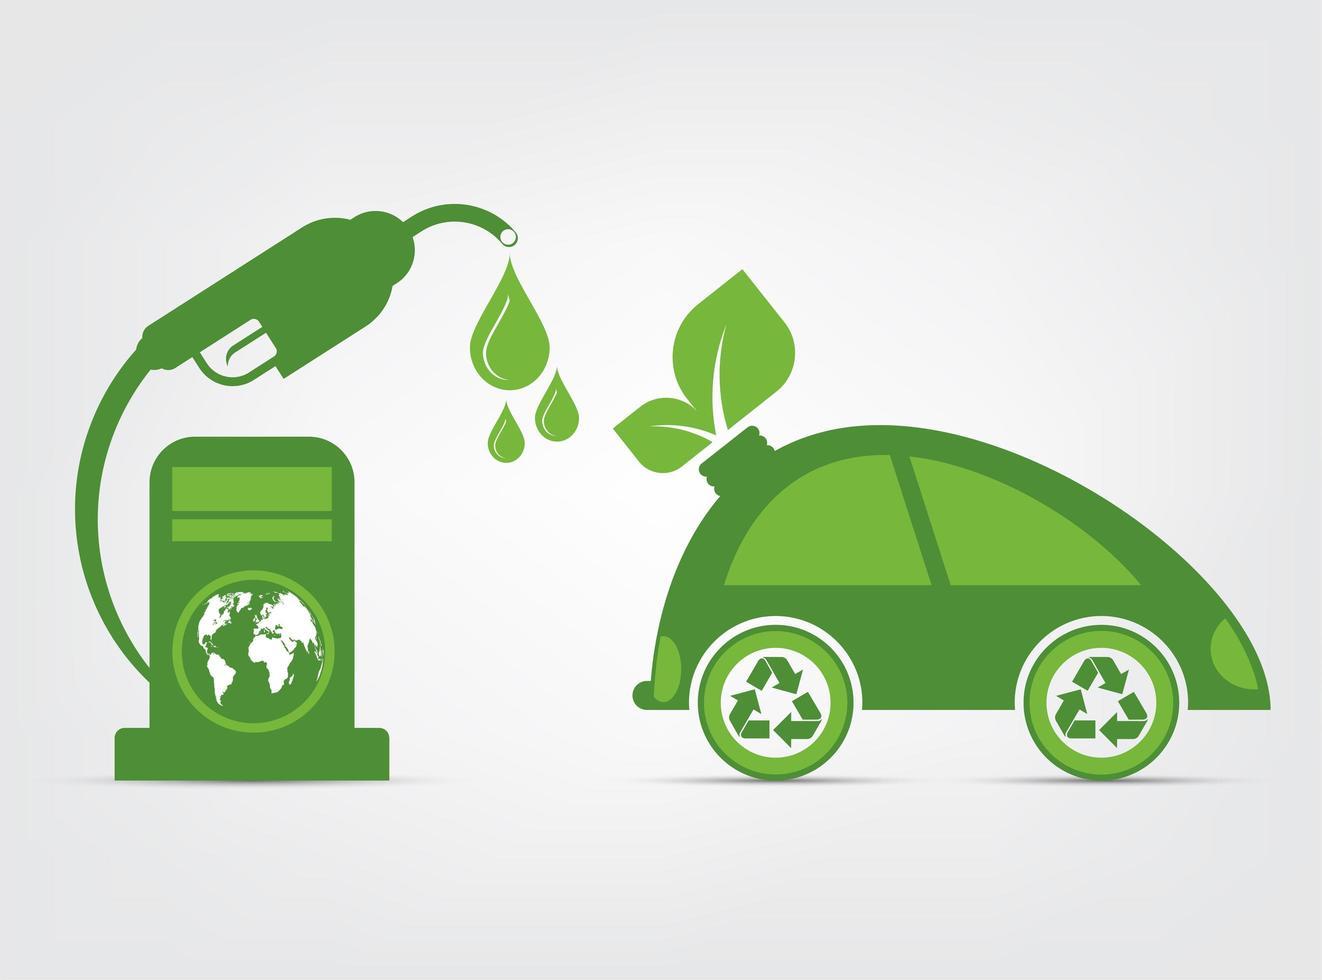 simbolo dell'automobile con il concetto di ecologia delle foglie verdi vettore